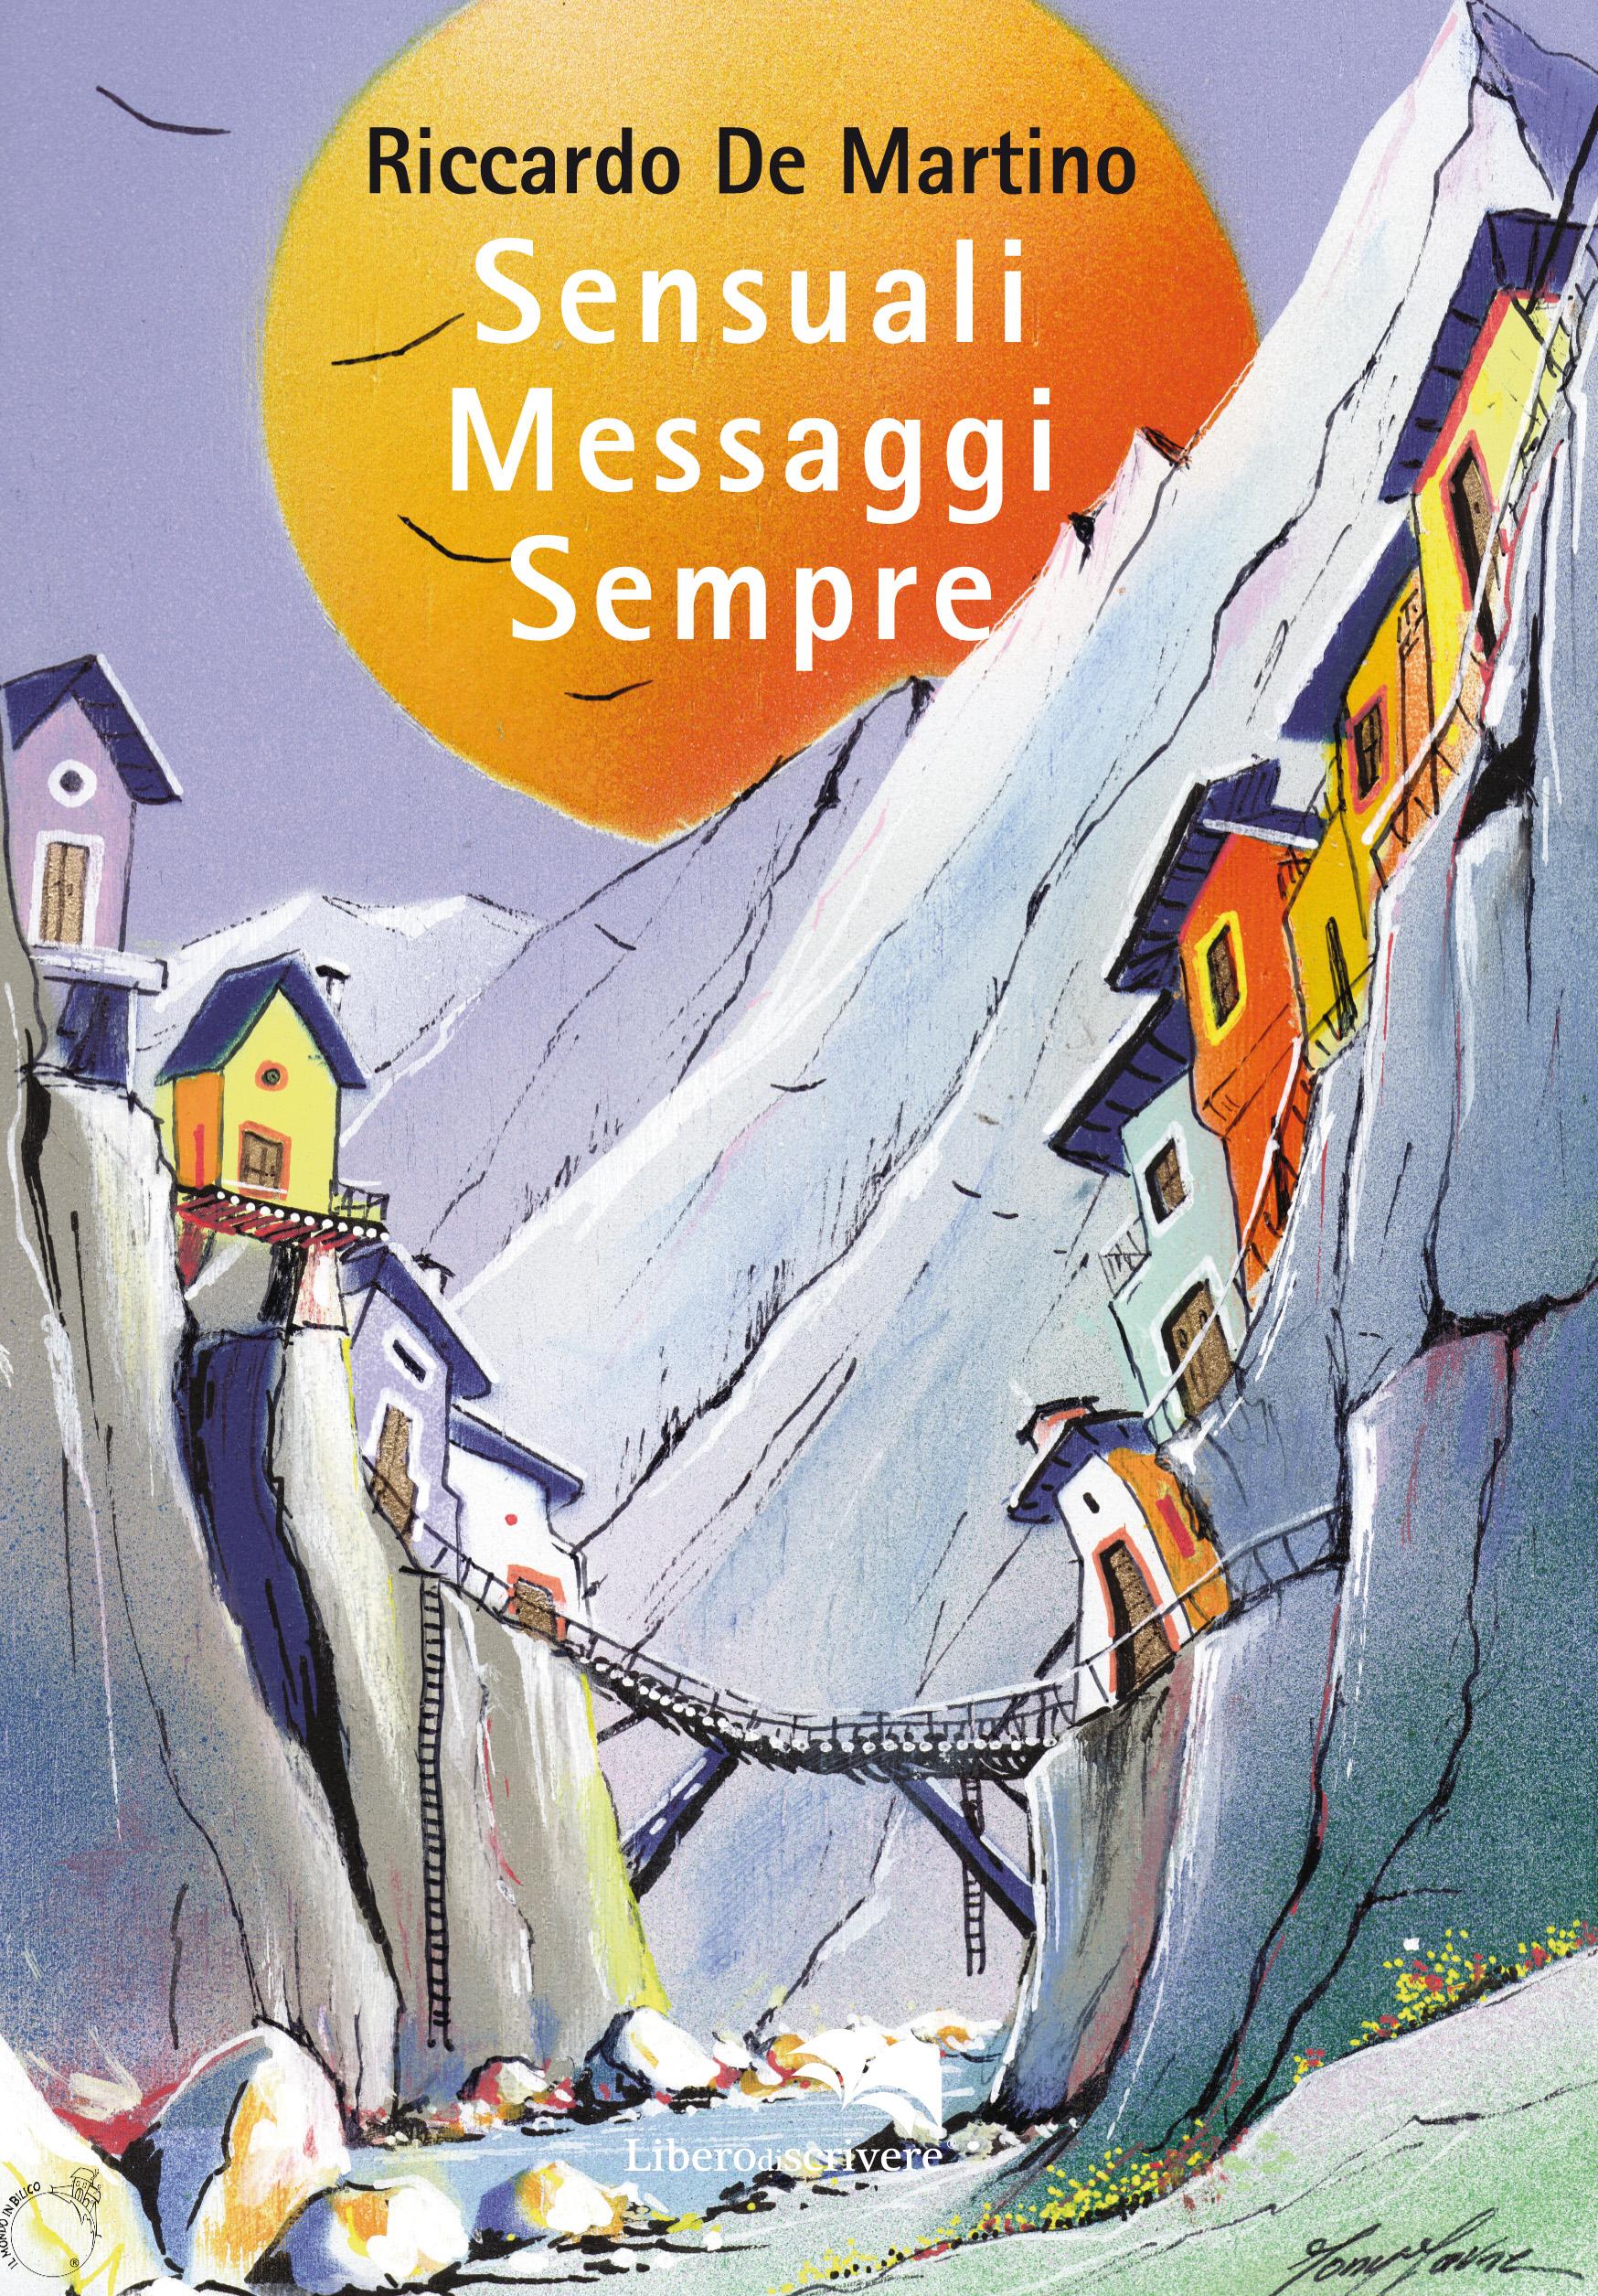 Liberodiscrivere Riccardo De Martino Sensuali Messaggi